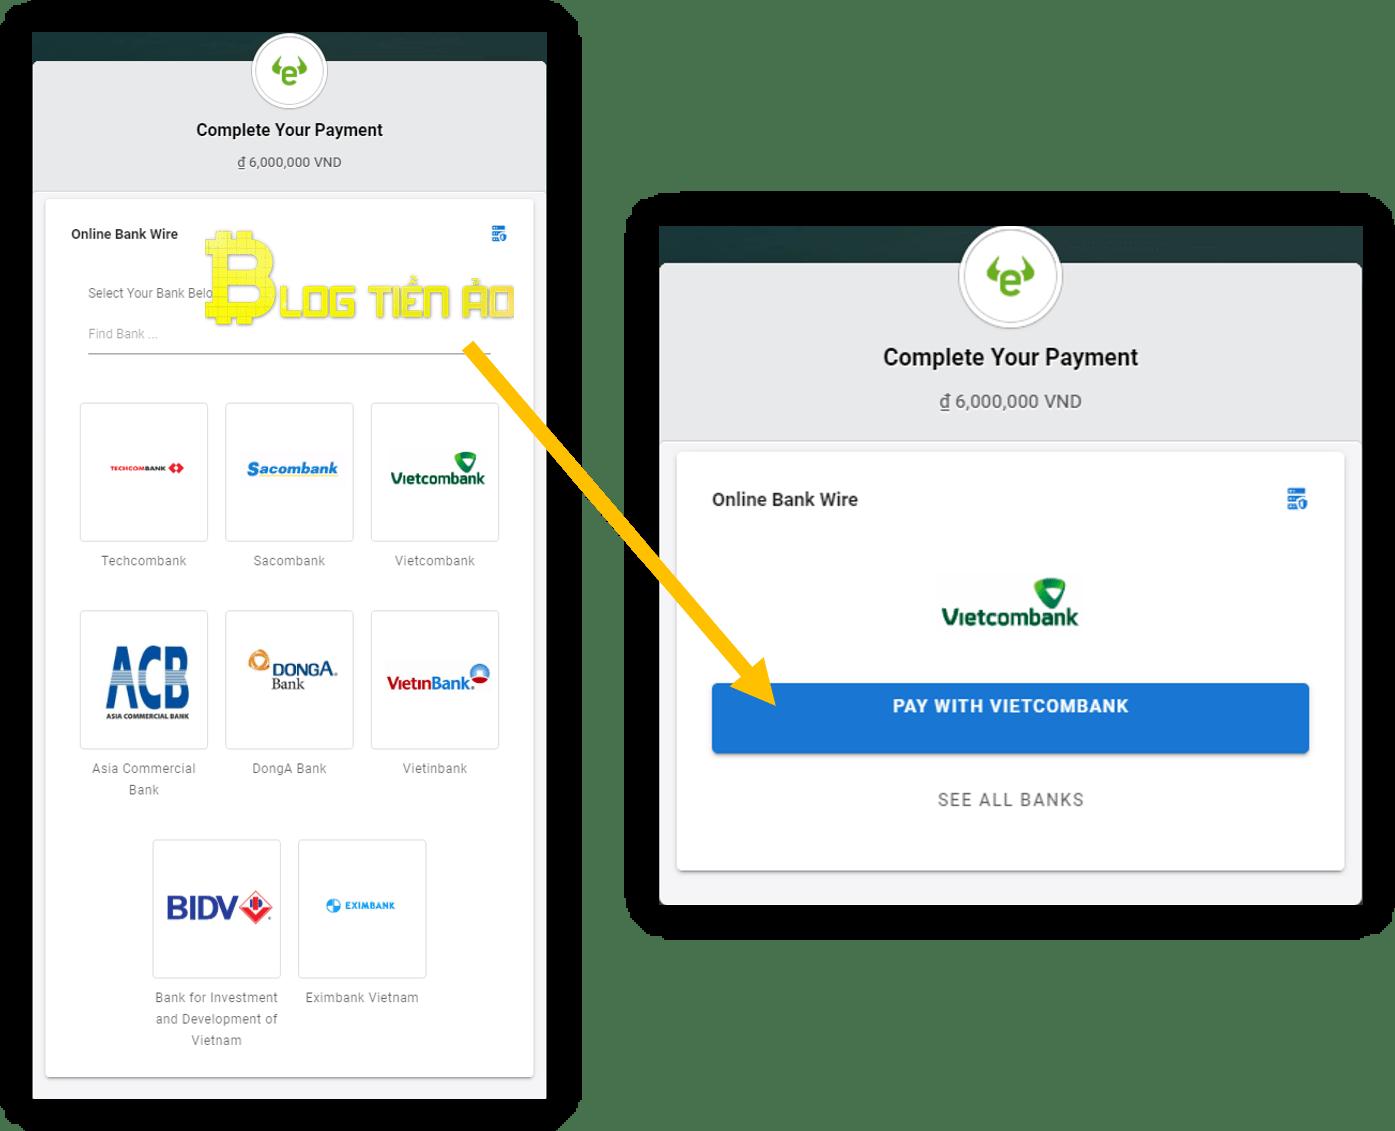 επιλέξτε την τράπεζά σας και επιλέξτε πληρωμή μέσω της vietcombank